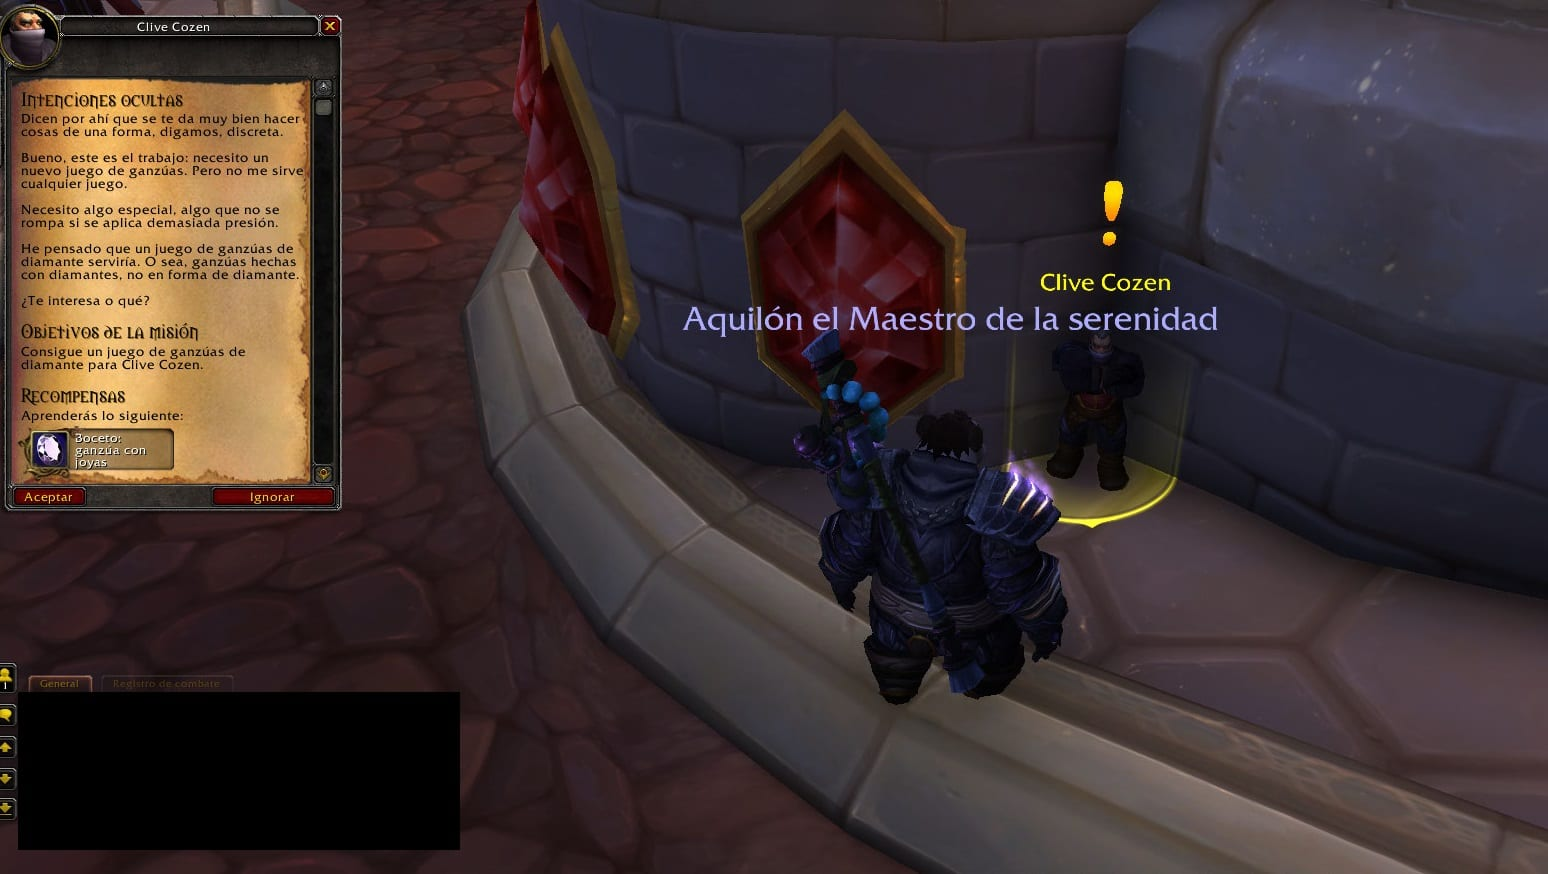 Intenciones ocultas misiones de joyería de legion